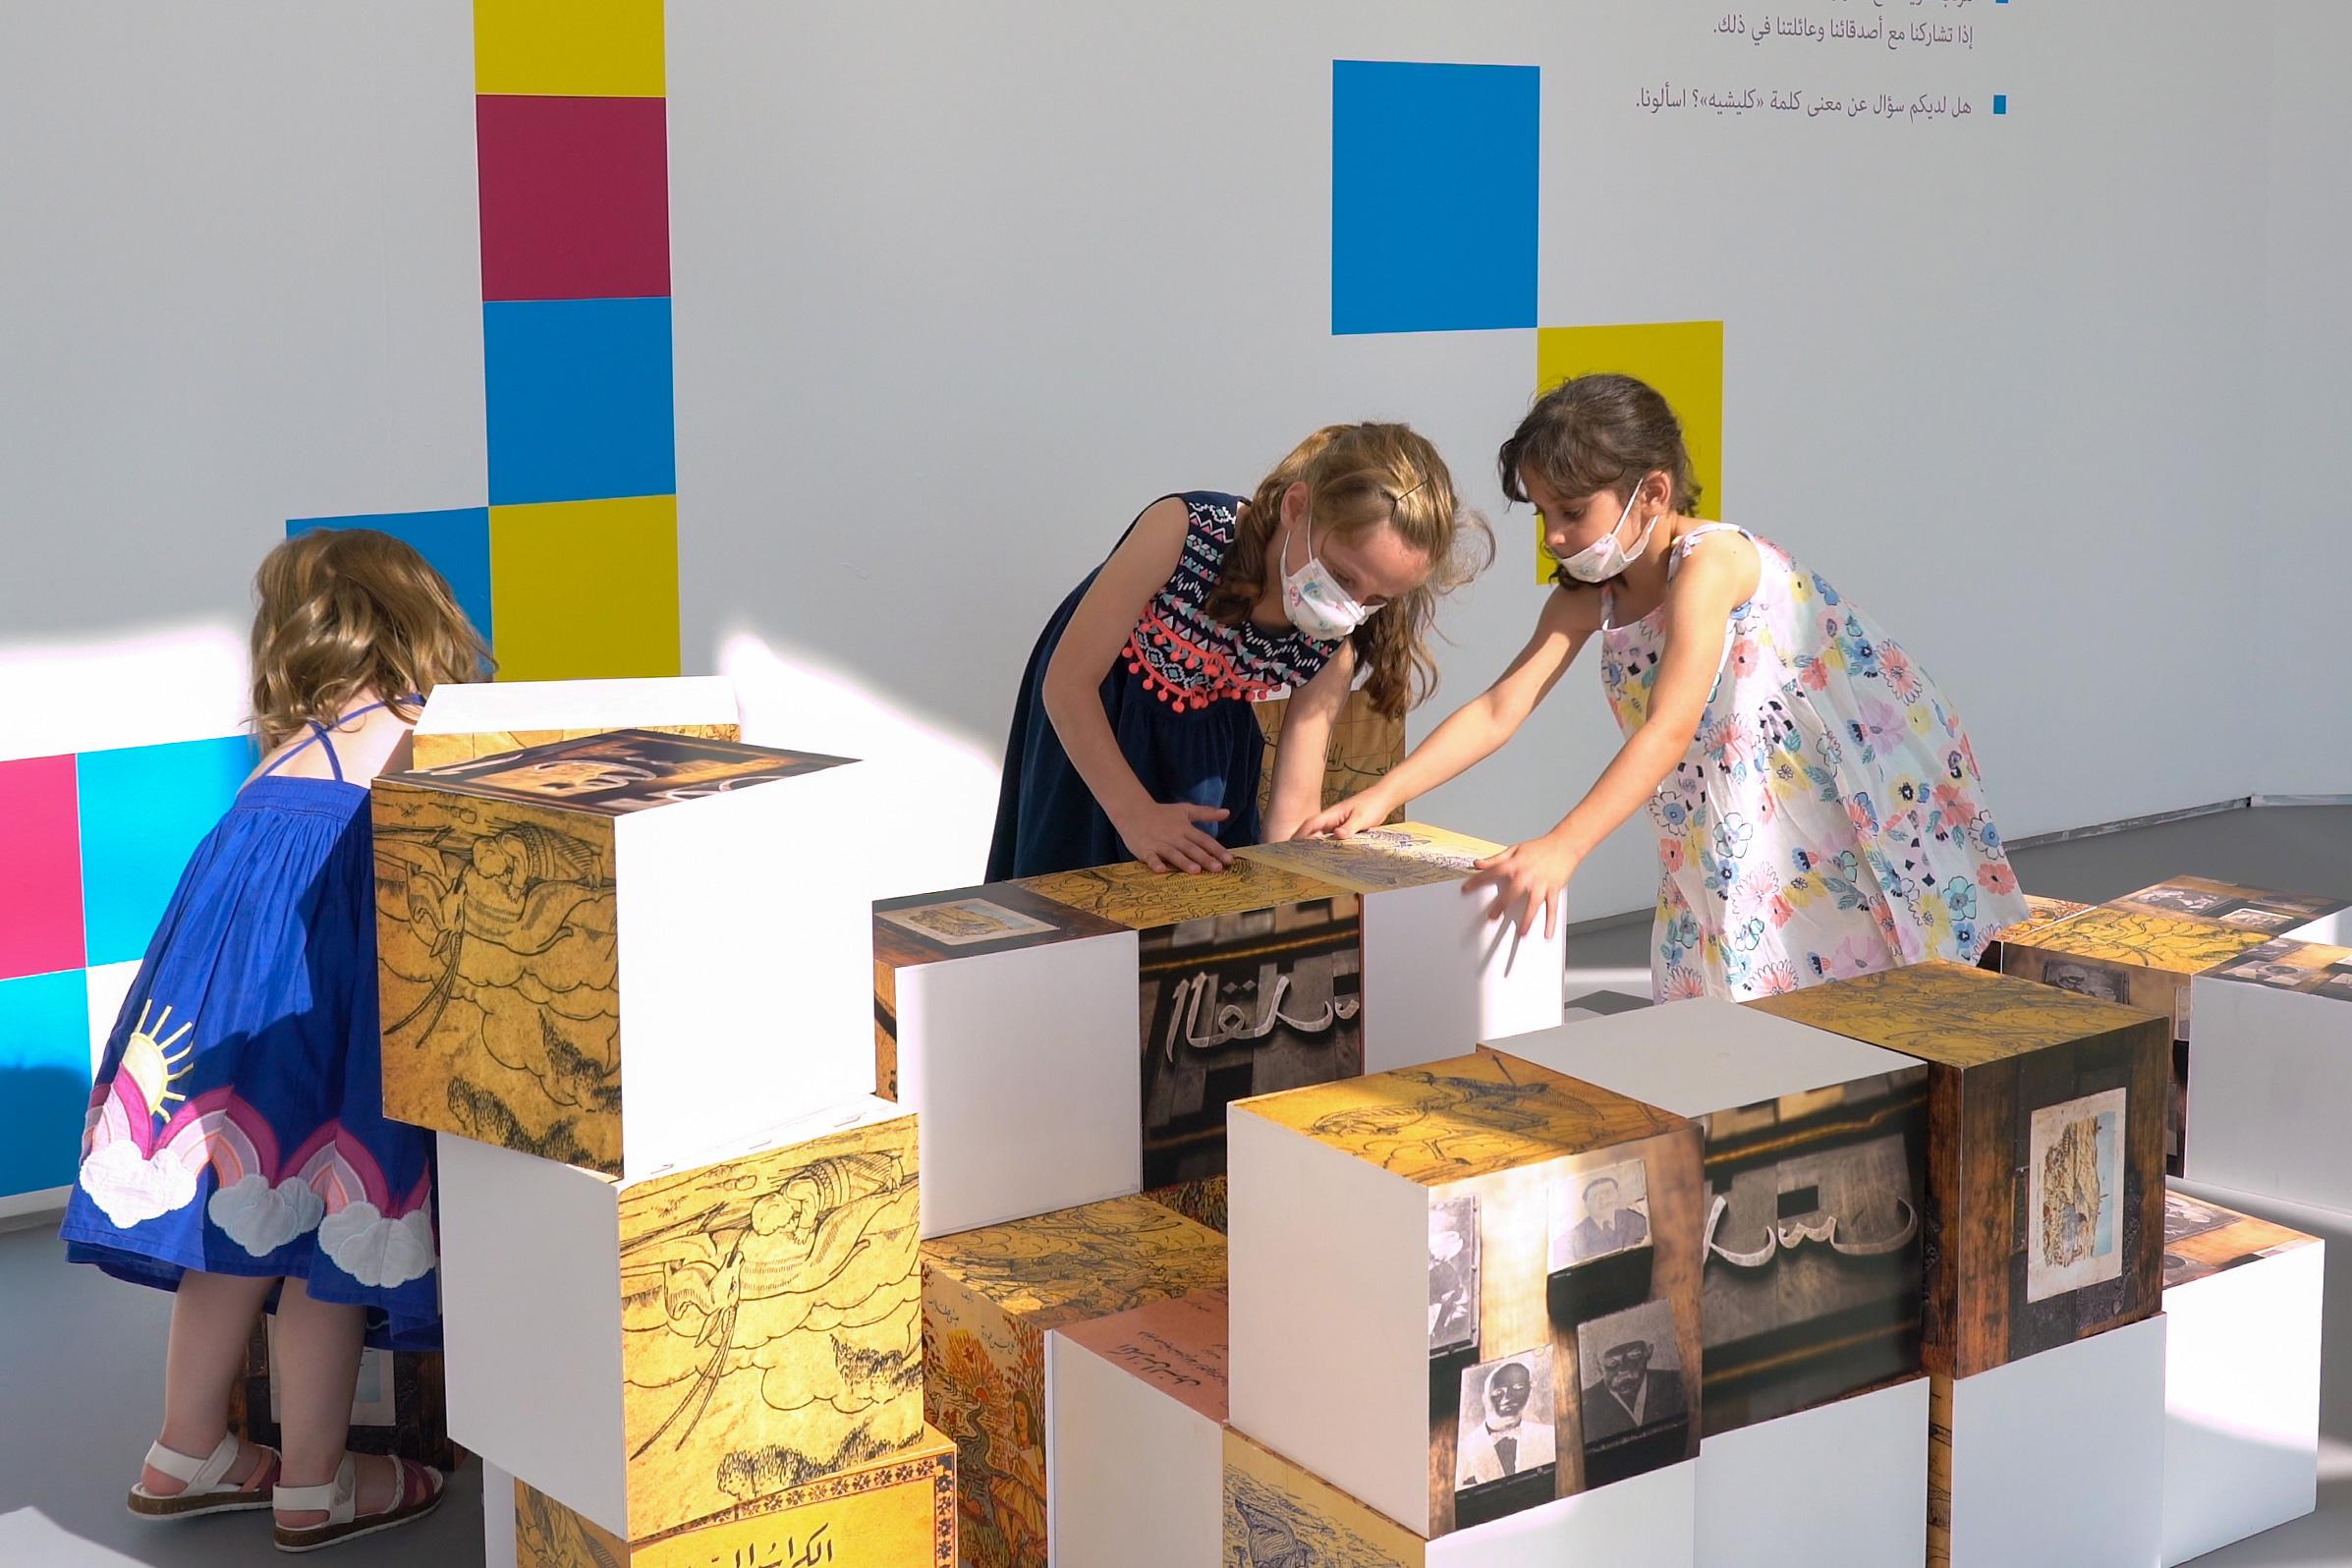 المتحف الفلسطيني يطلق فضاء العائلة التفاعليّ الأوّل